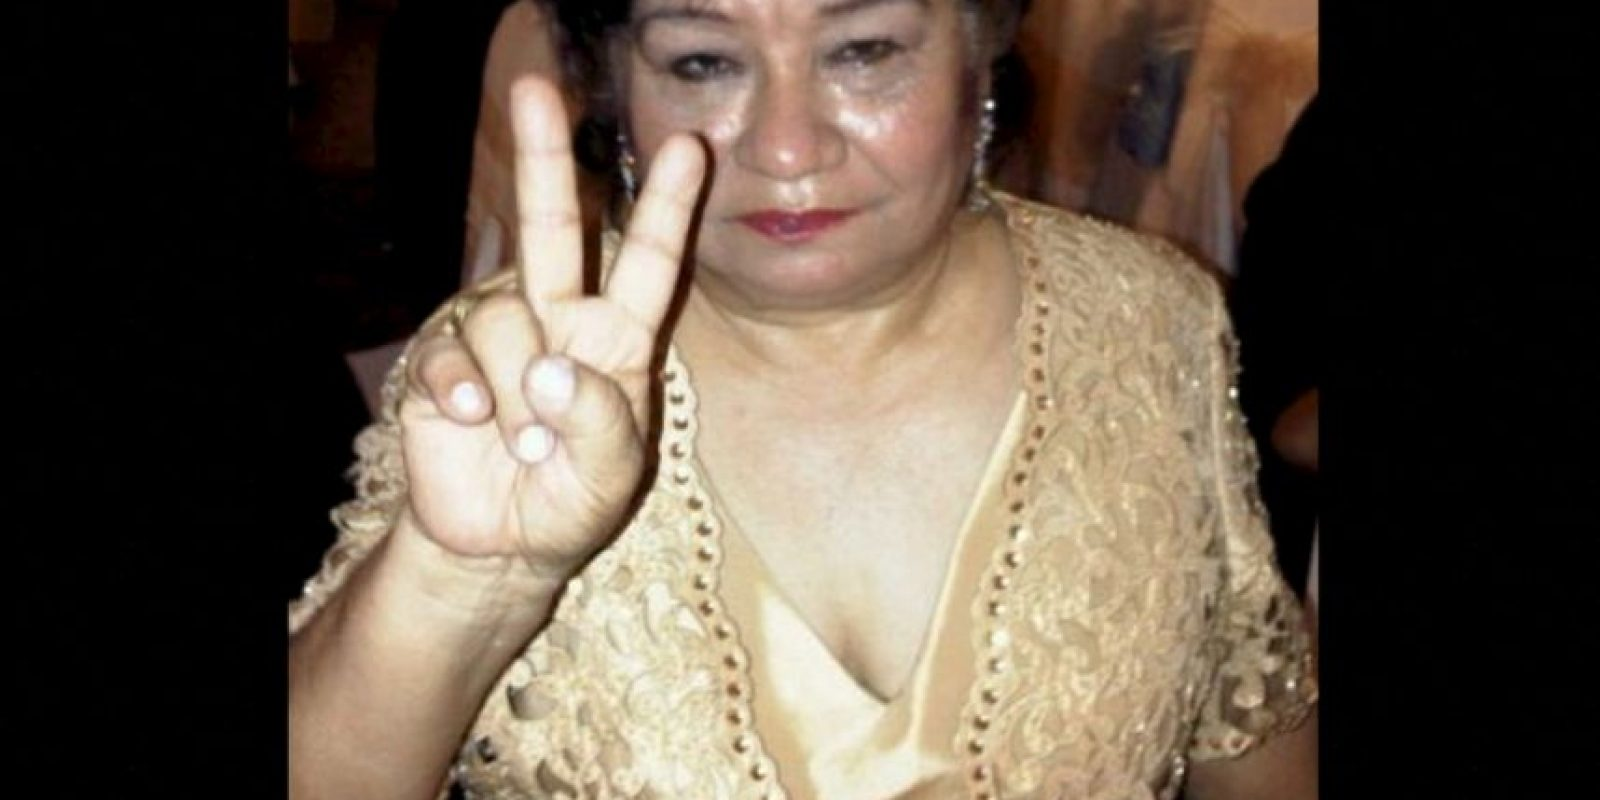 La madre del exseleccionado paraguayo Nelson Cuevas aseguró que saldría a la calle a reunir firmas para exigir la destitución del entonces DT del combinado guaraní, Aníbal Ruiz Foto:Vía twitter.com/juezcentral